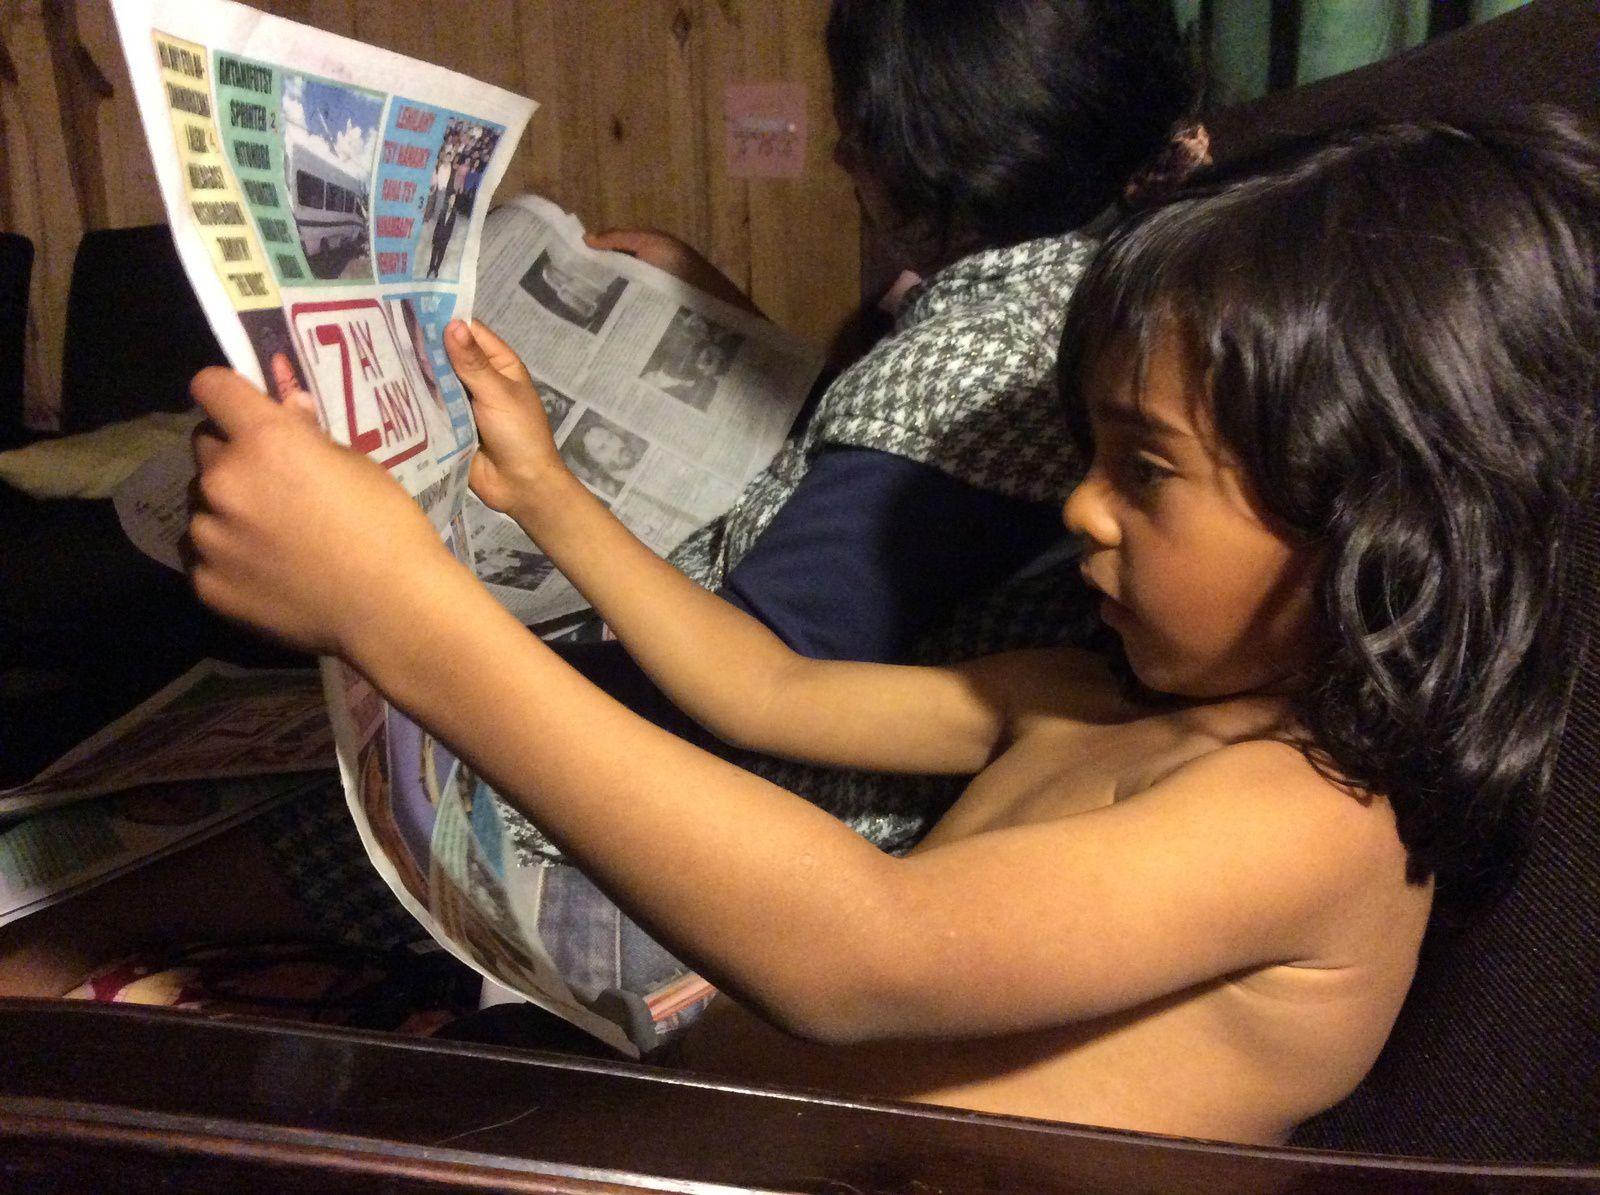 6 ans et demi et déjà assidu à la lecture comme son père.